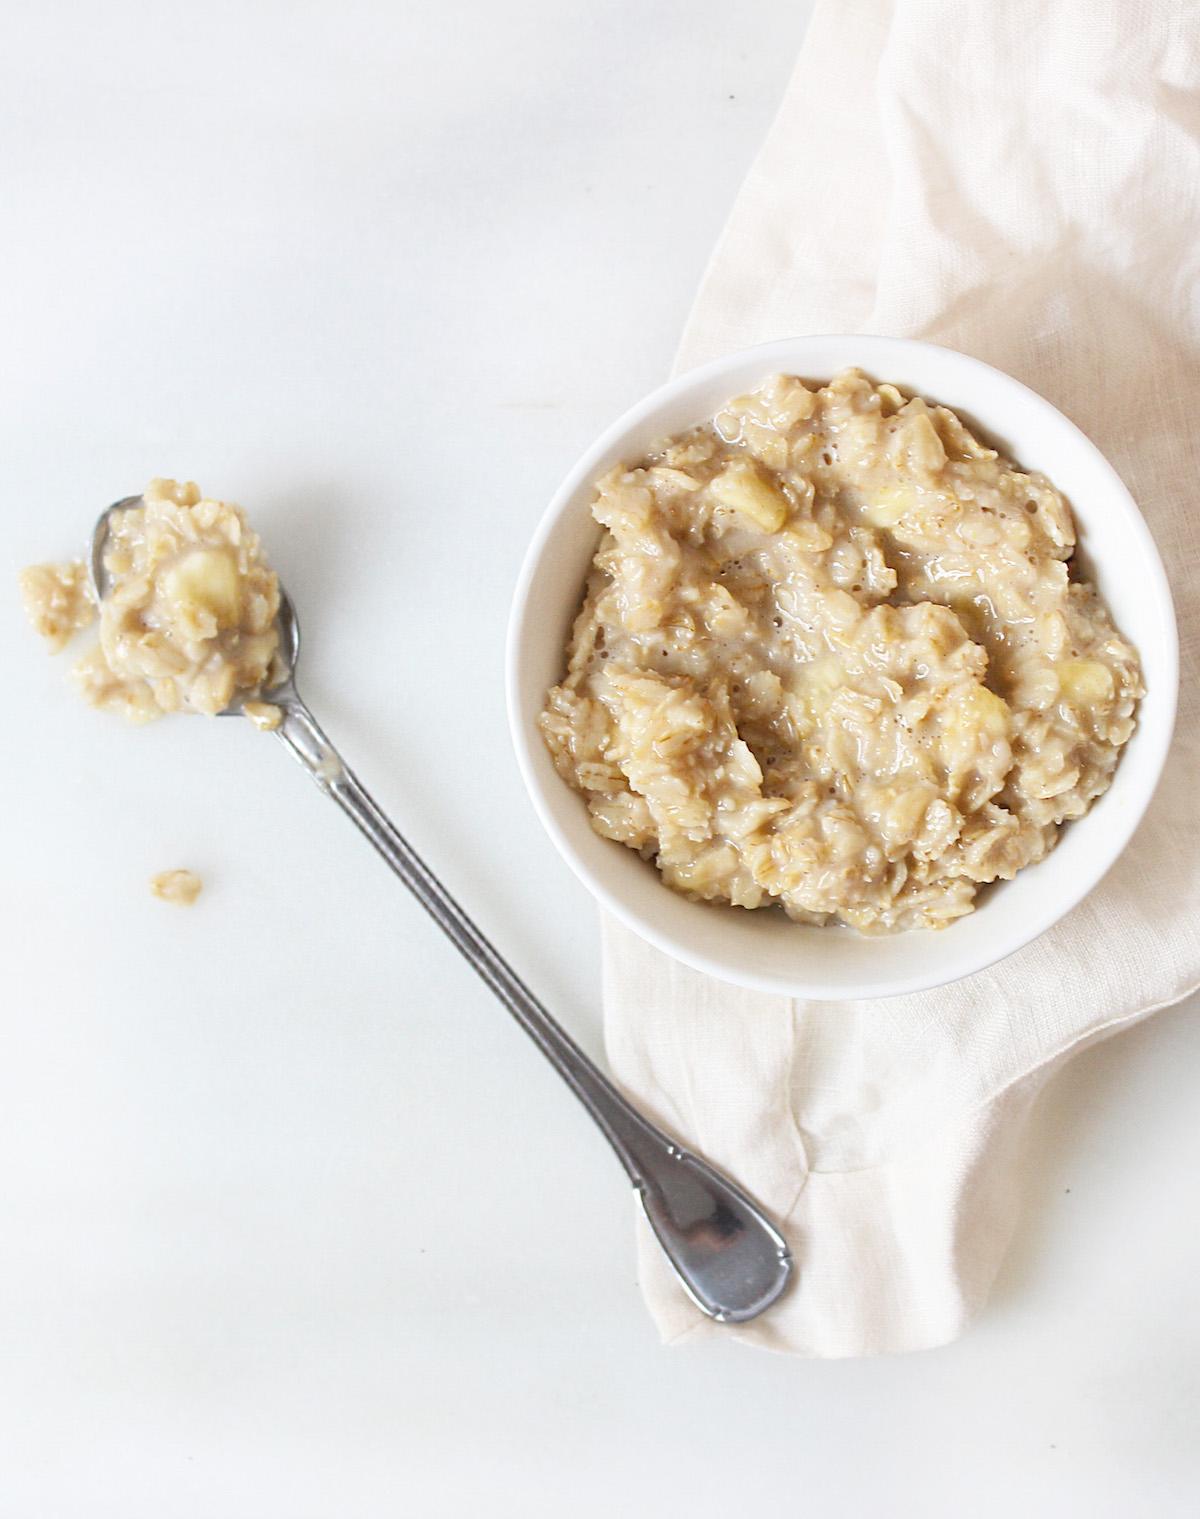 Cách làm mặt nạ khoai tây sữa tươi yến mạch